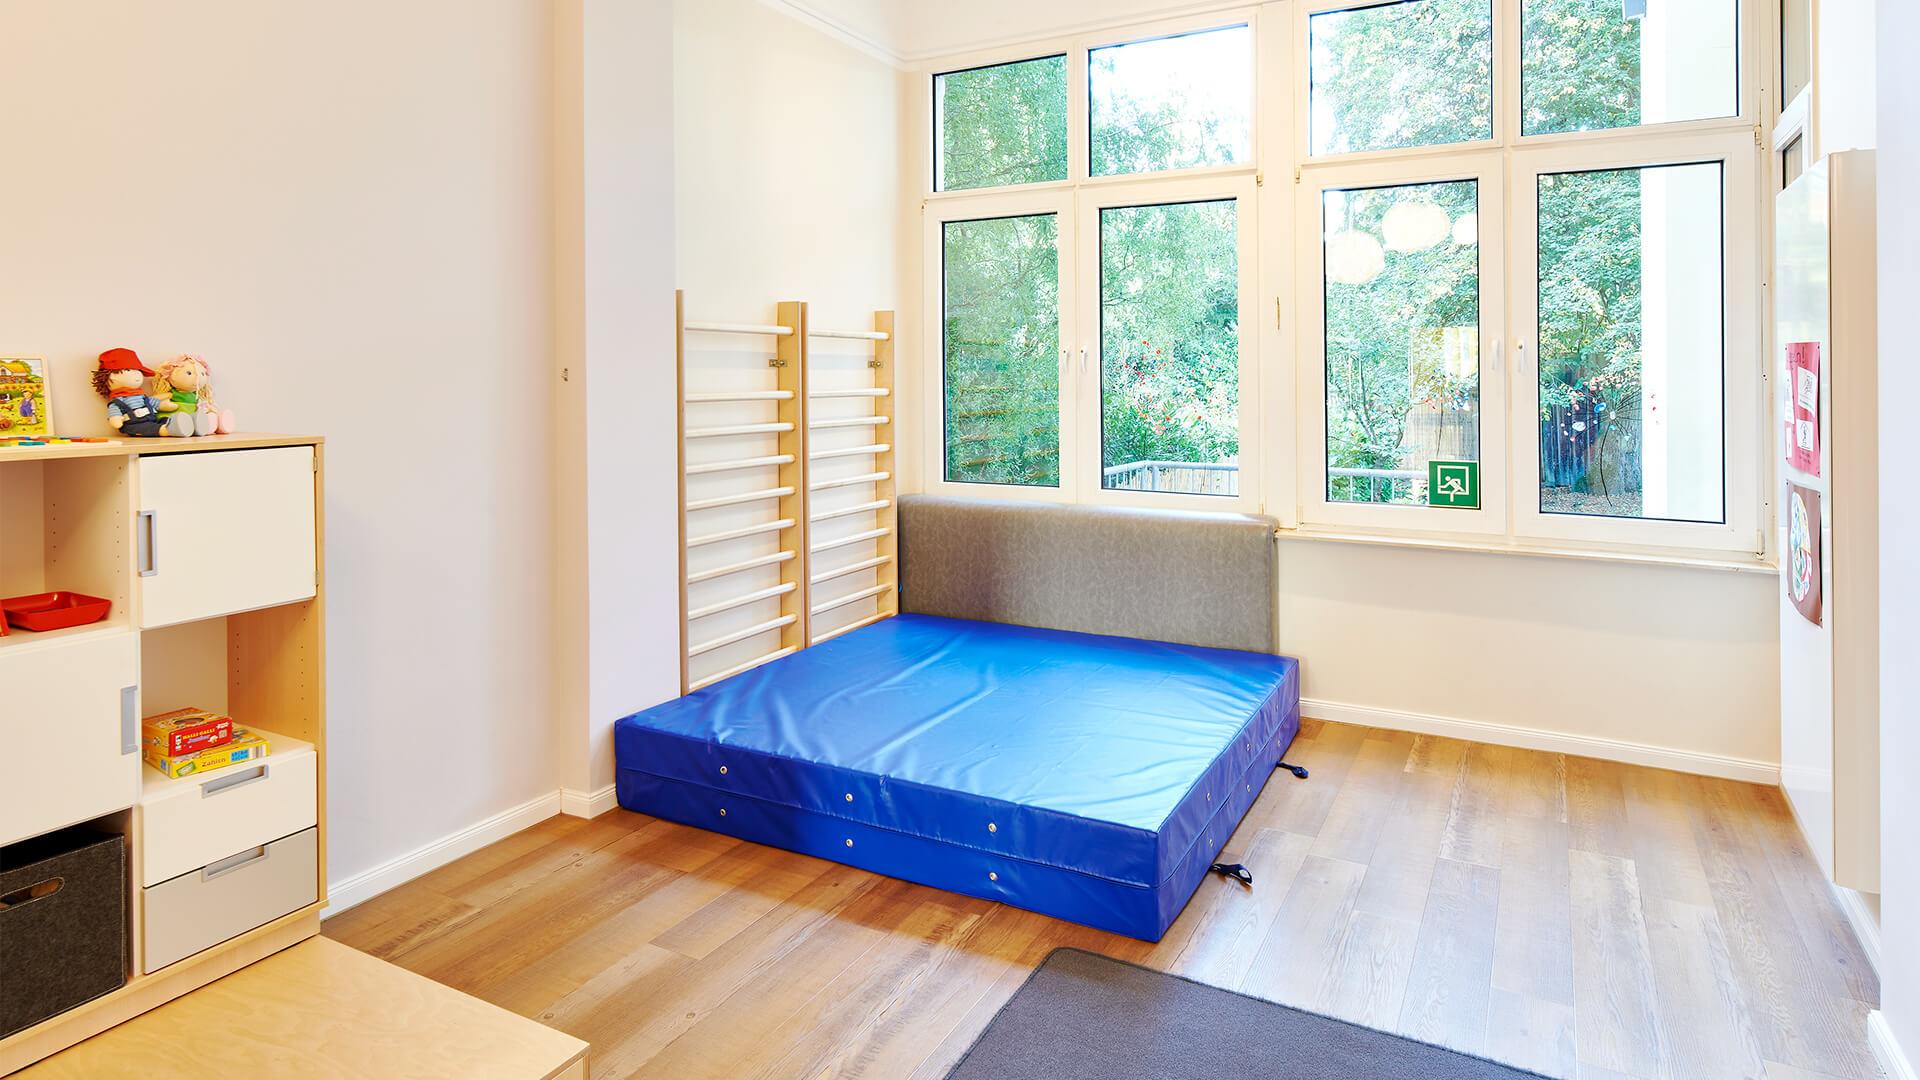 Klettergerüst in der Turnecke zum austoben mit dicker, blauer Turnmatte auf dem Boden